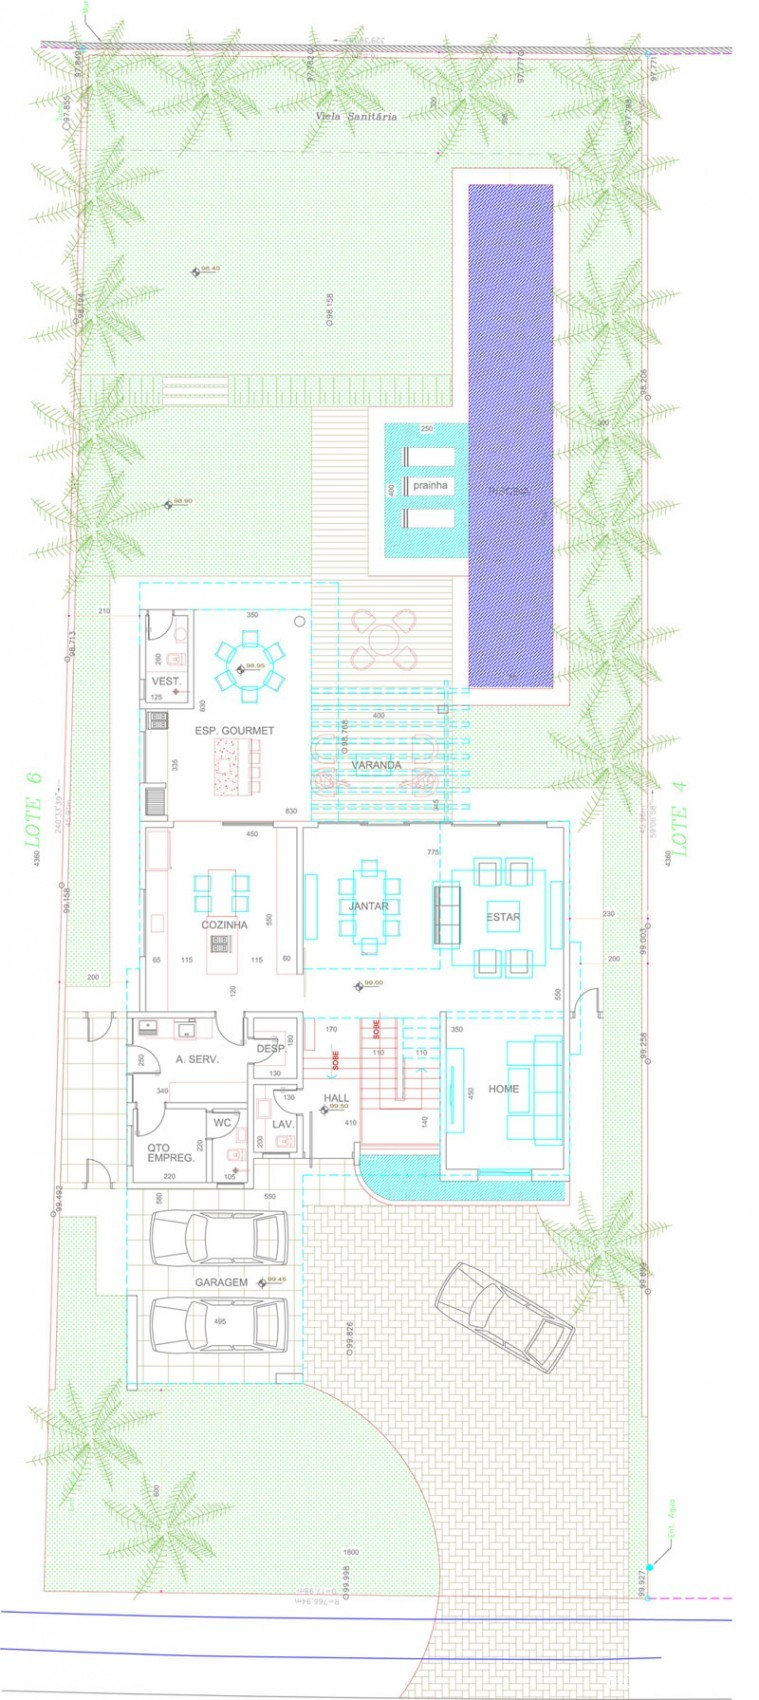 Mau Nha Dep 2 Tang 15019 Mẫu nhà đẹp 2 tầng hiện đại Residencia DF với nội thất tinh tế